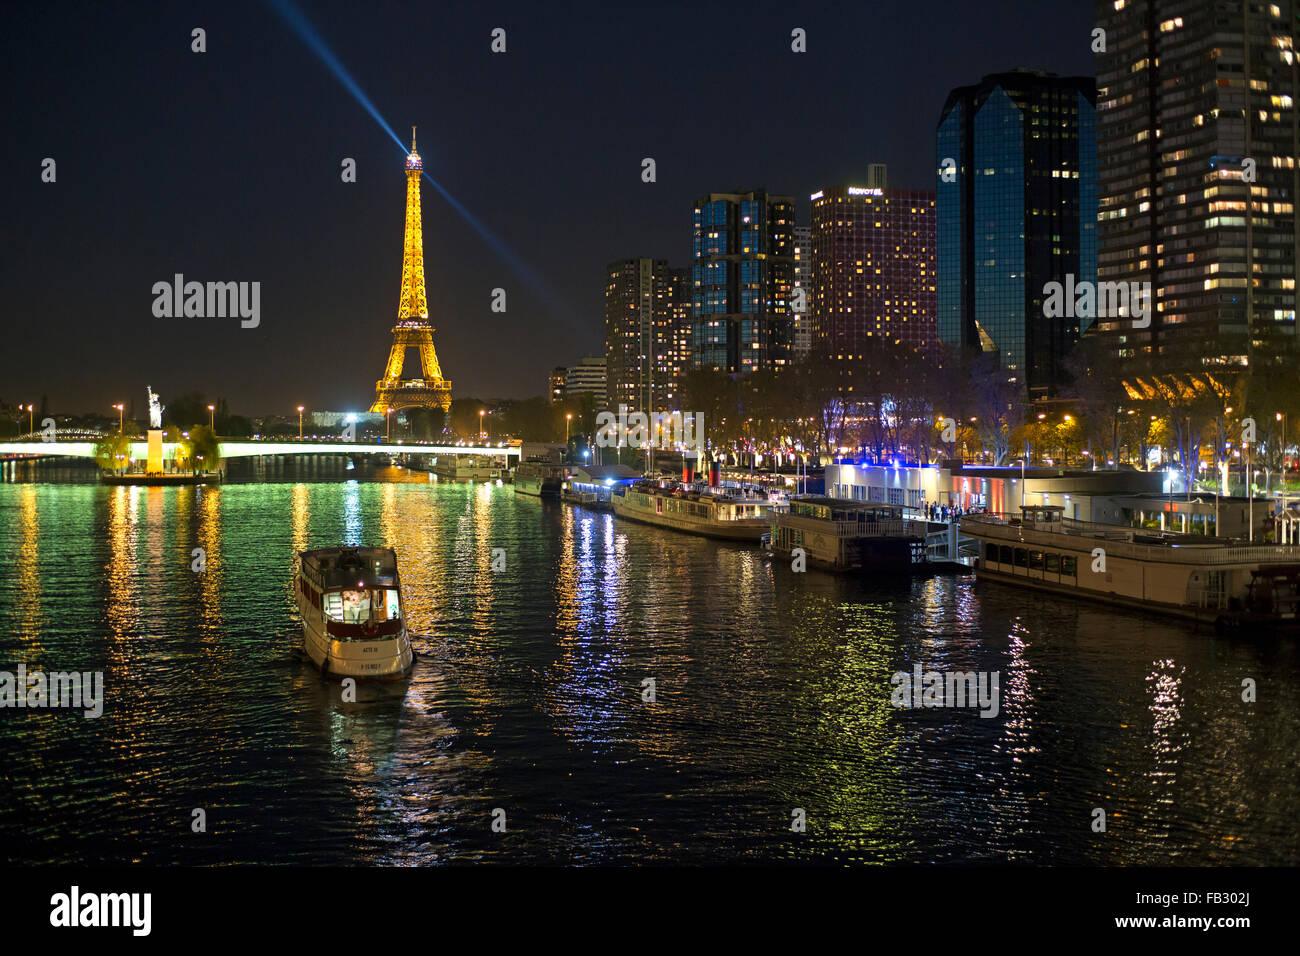 Vue de nuit sur la Seine aux bateaux et les immeubles de grande hauteur sur la rive gauche, et de la Tour Eiffel, Photo Stock